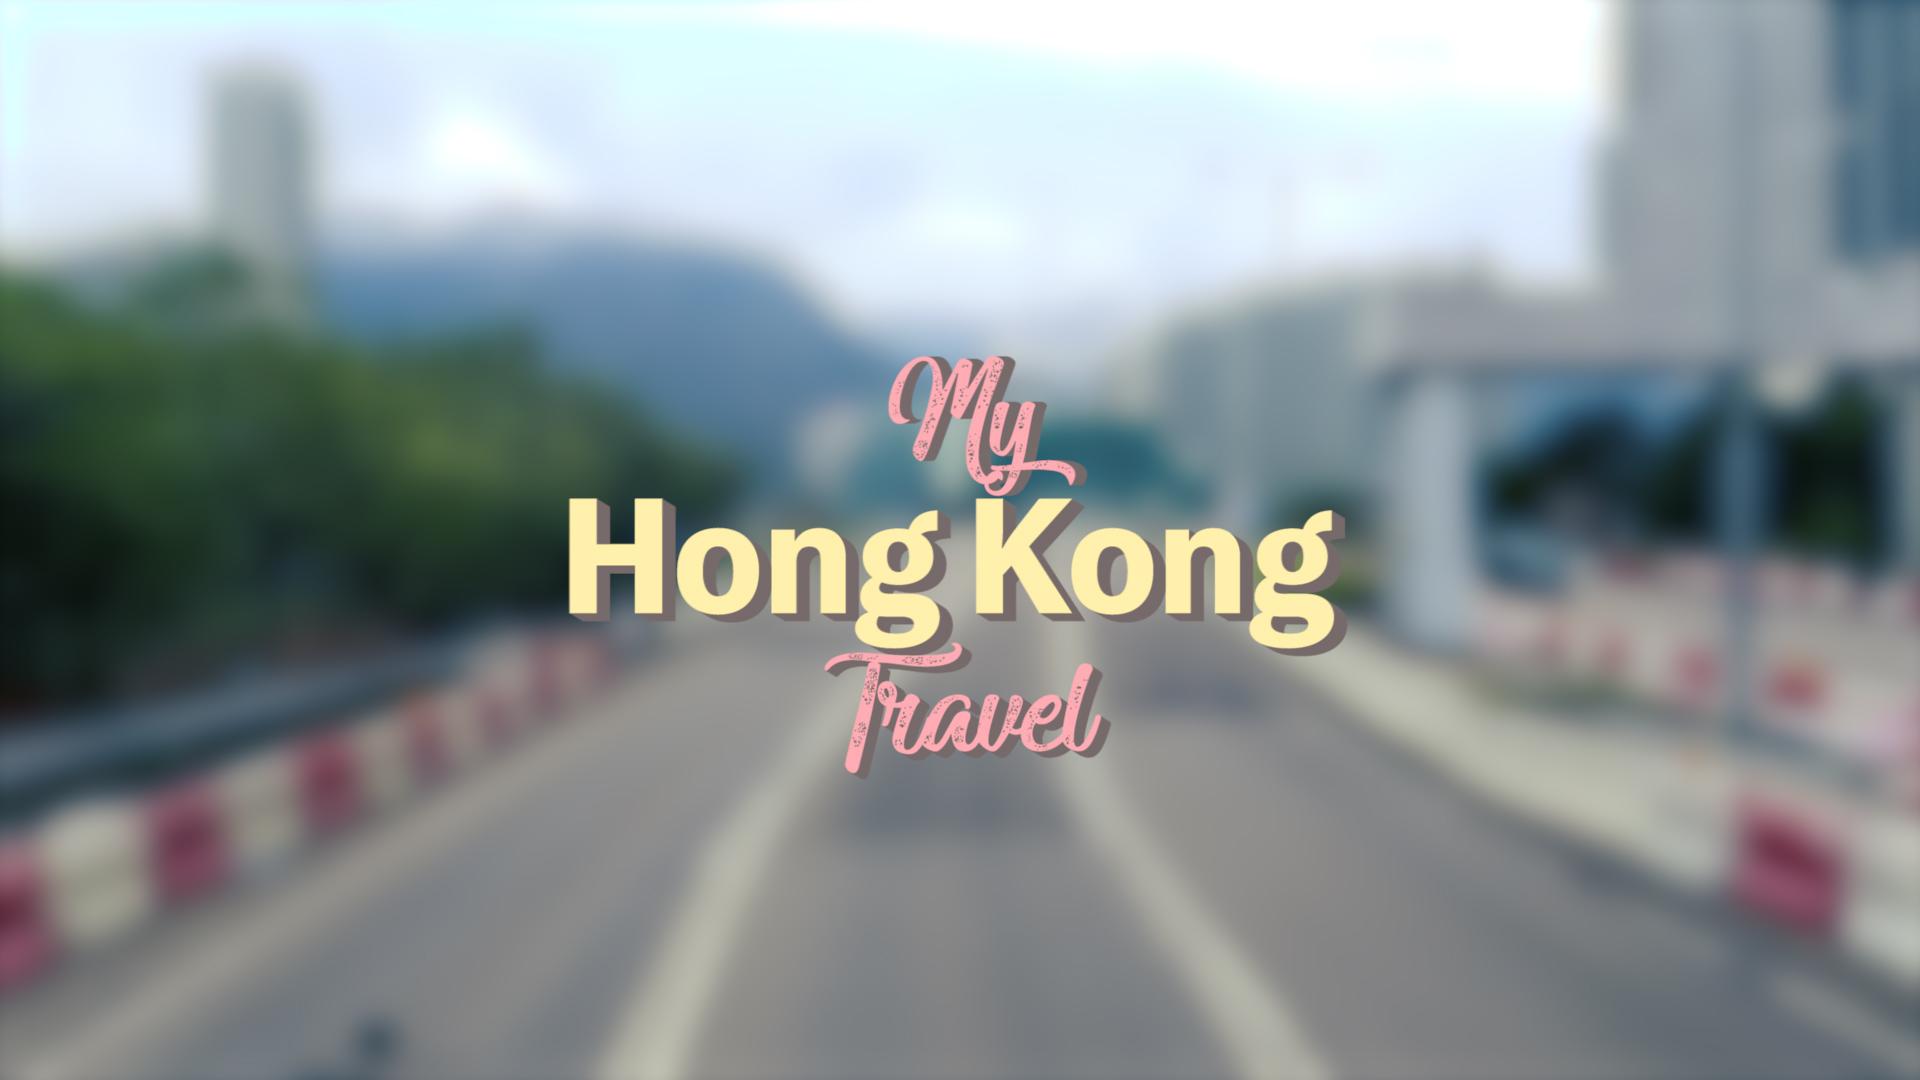 my-hk-trip-tbn